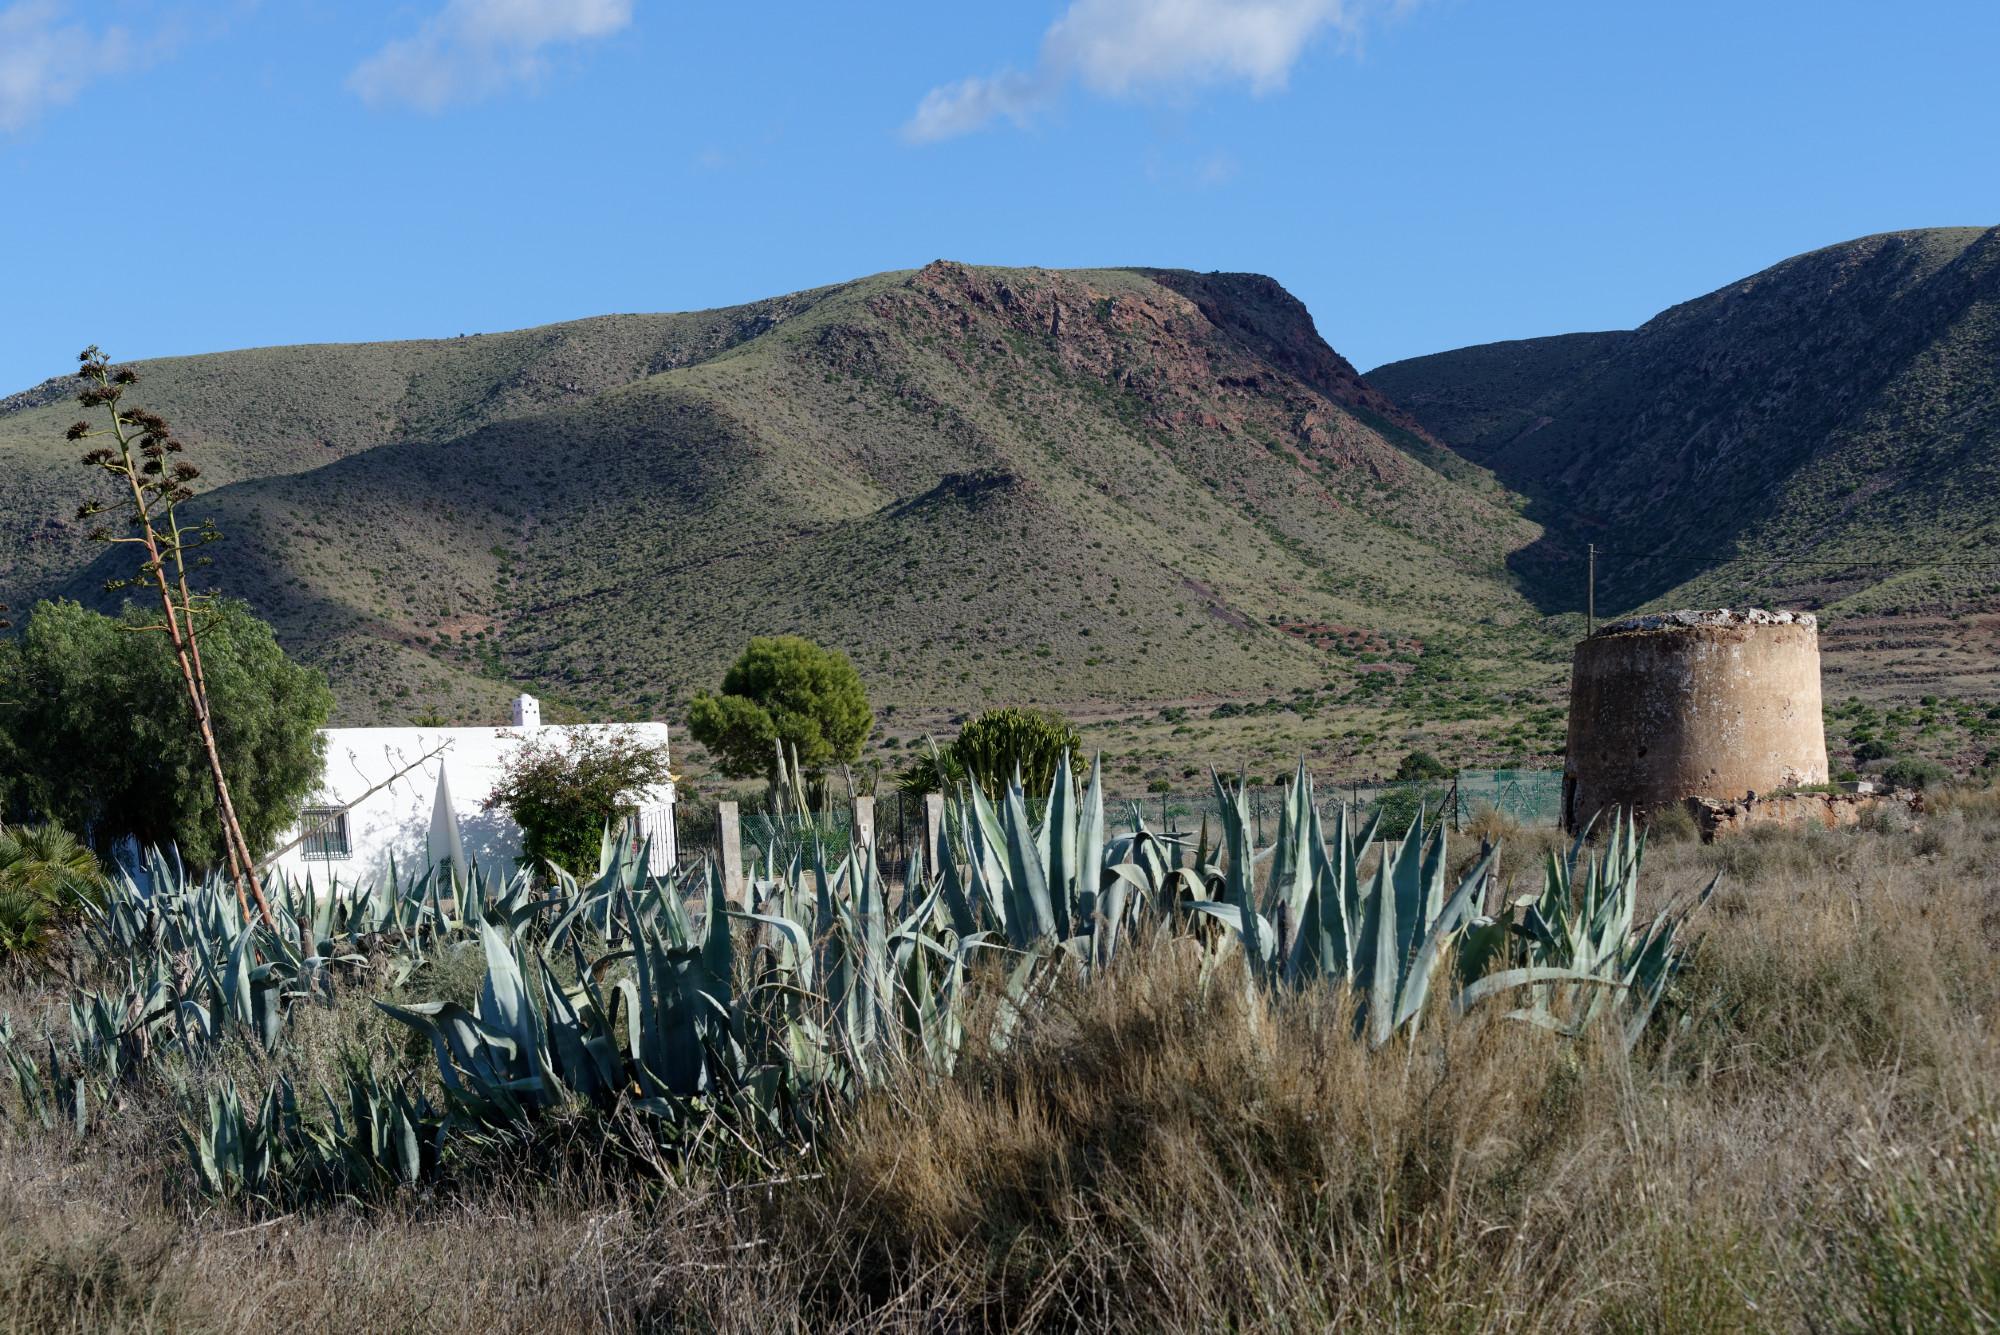 171212-Marche La Boca de los Frailes vers Cerro de Limones (10) (Cabo de Gata-Andalousie)